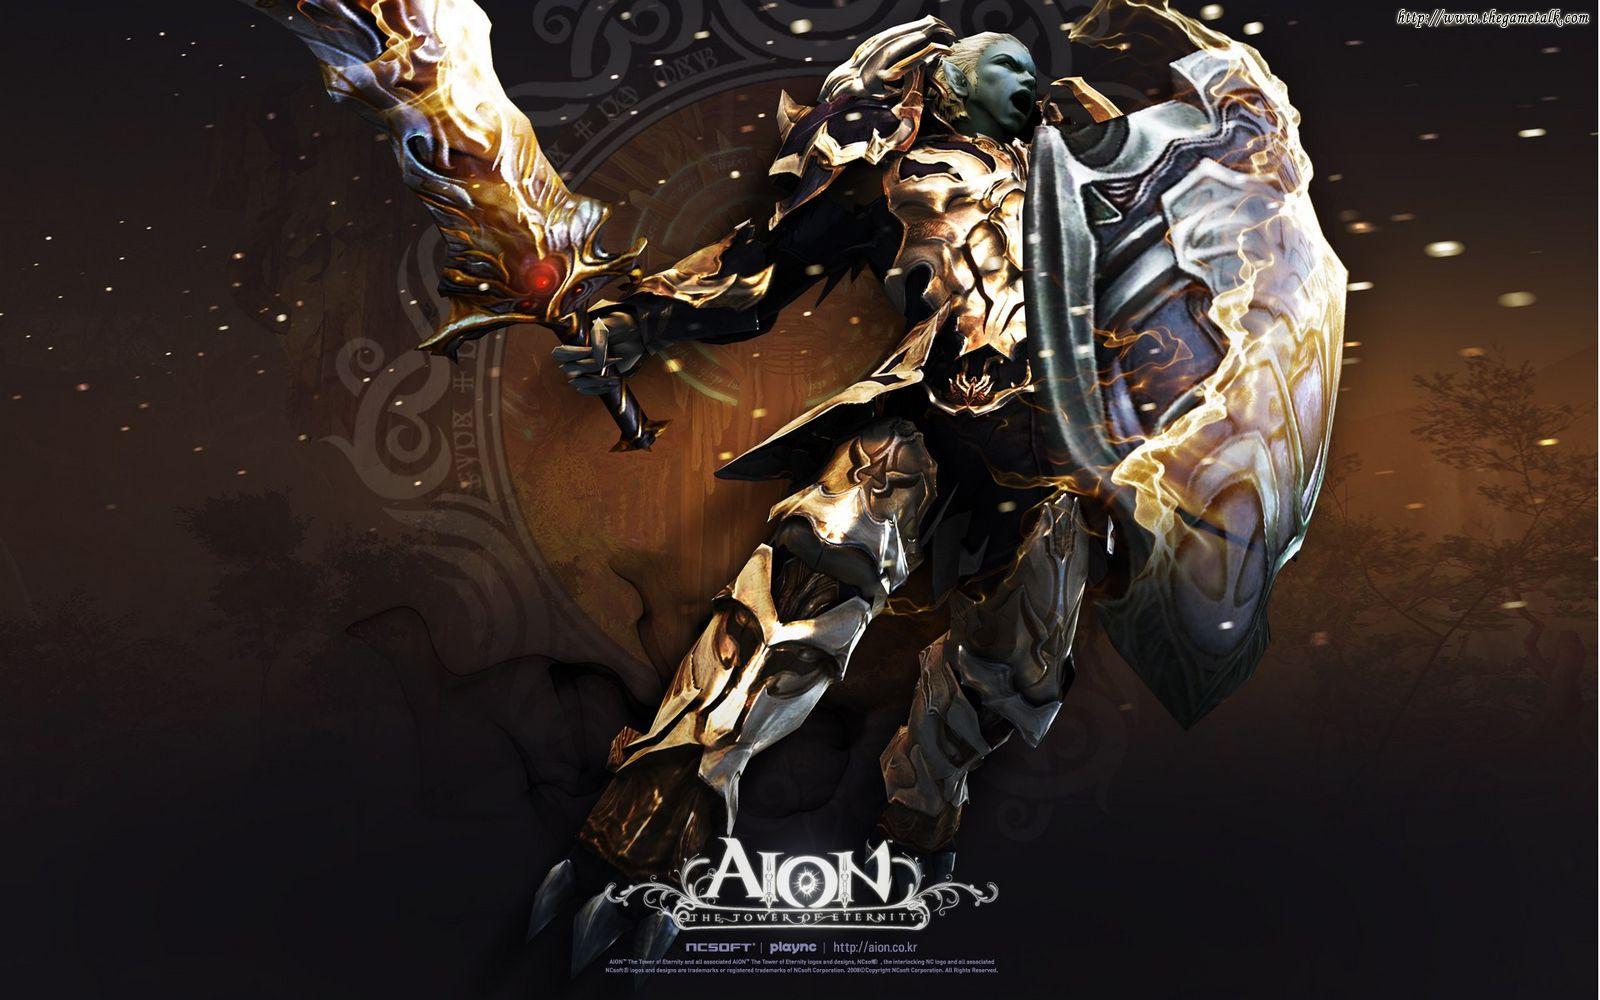 http://1.bp.blogspot.com/-0Dw2hDGGa8k/TaJXyeIgDeI/AAAAAAAABRM/Z2sPGBGgaRs/s1600/AION-Wallpaper-Screenshot-PC-Game-Online-21.jpg